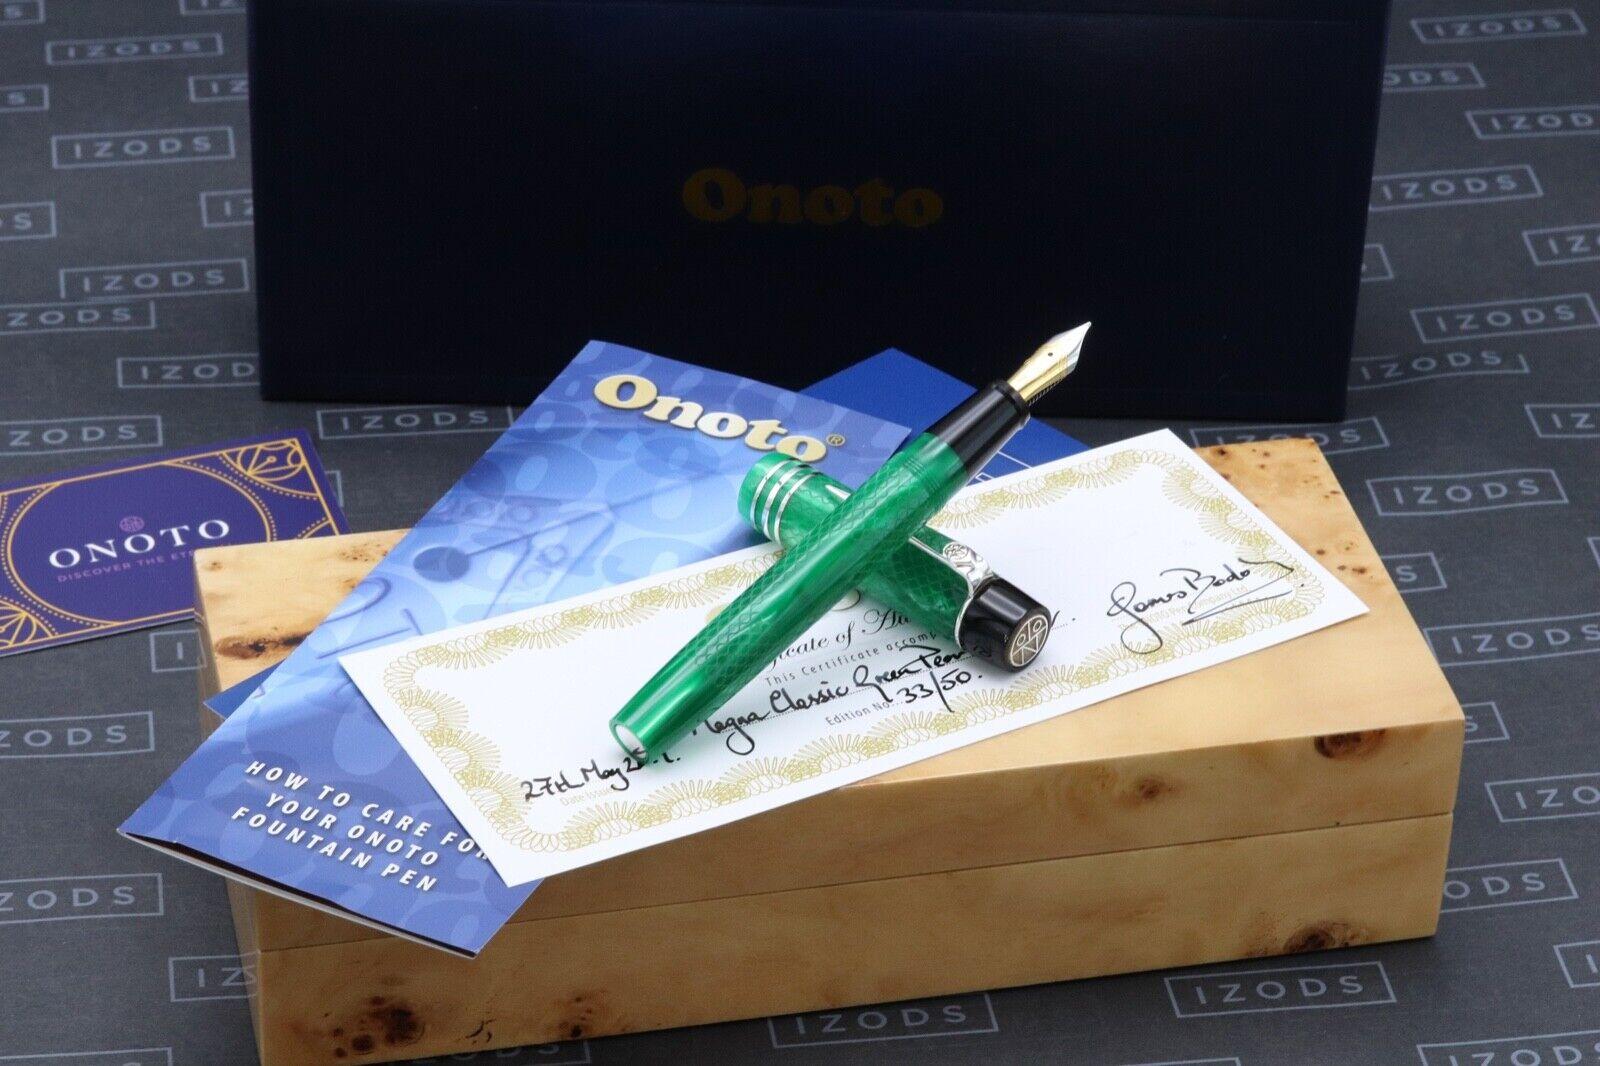 Onoto Magna Classic Green Pearl Silver Fountain Pen